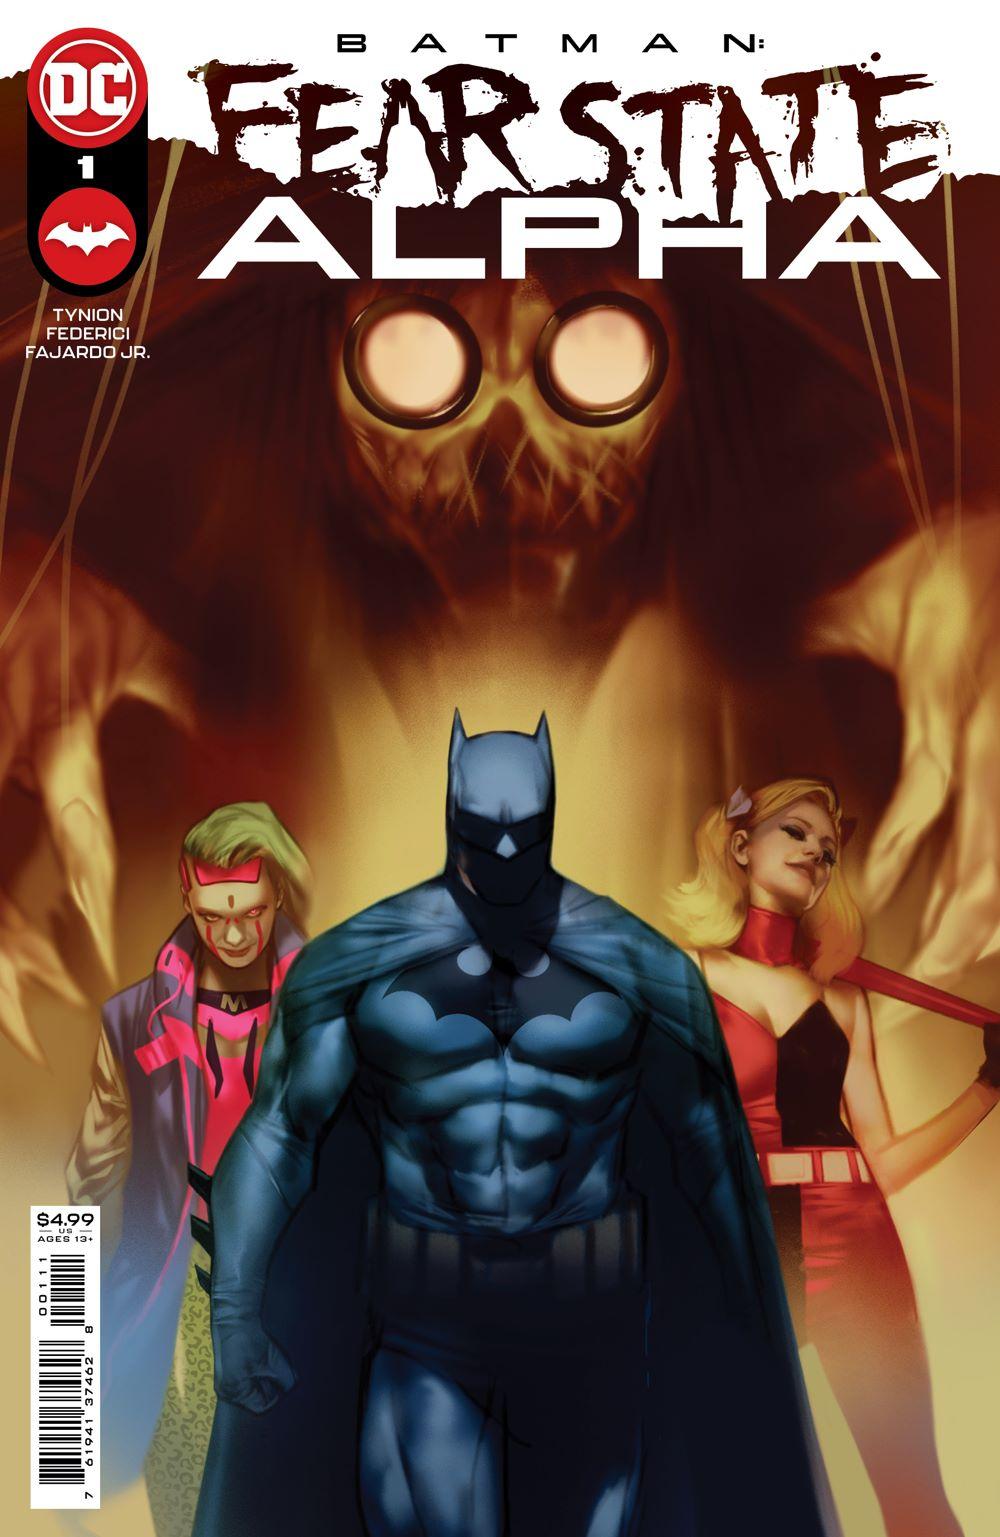 BM_FS_ALPHA_Cv1 DC Comics August 2021 Solicitations